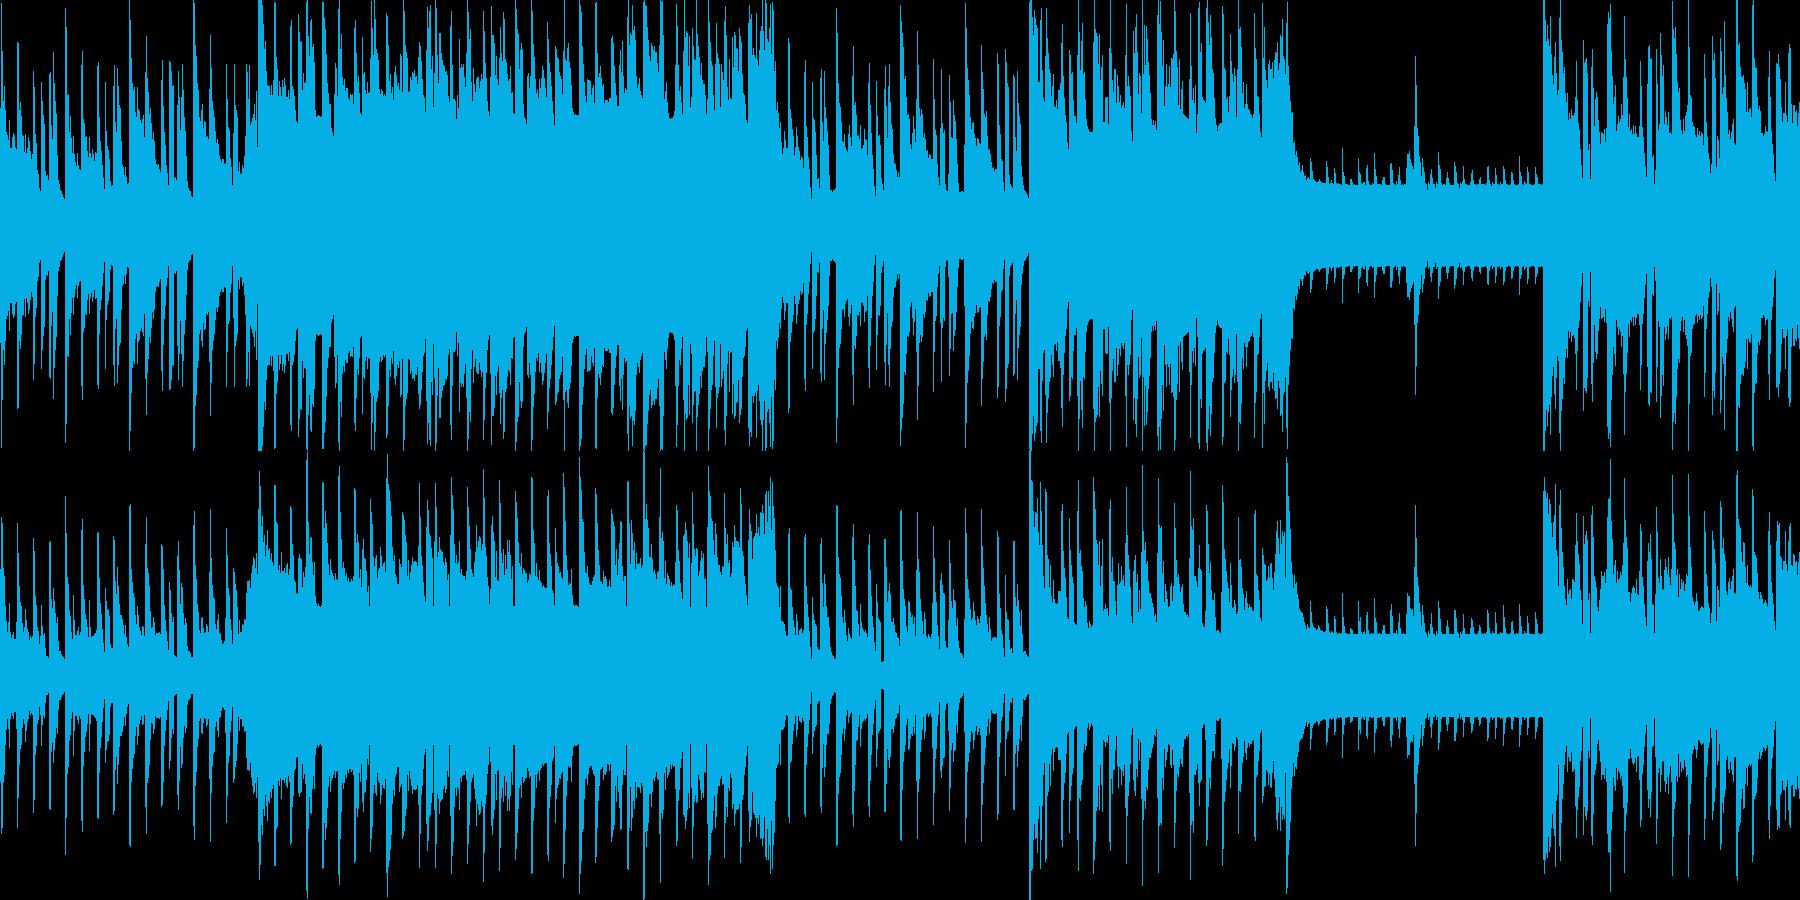 近未来的でポップなゲームなどで使える曲の再生済みの波形